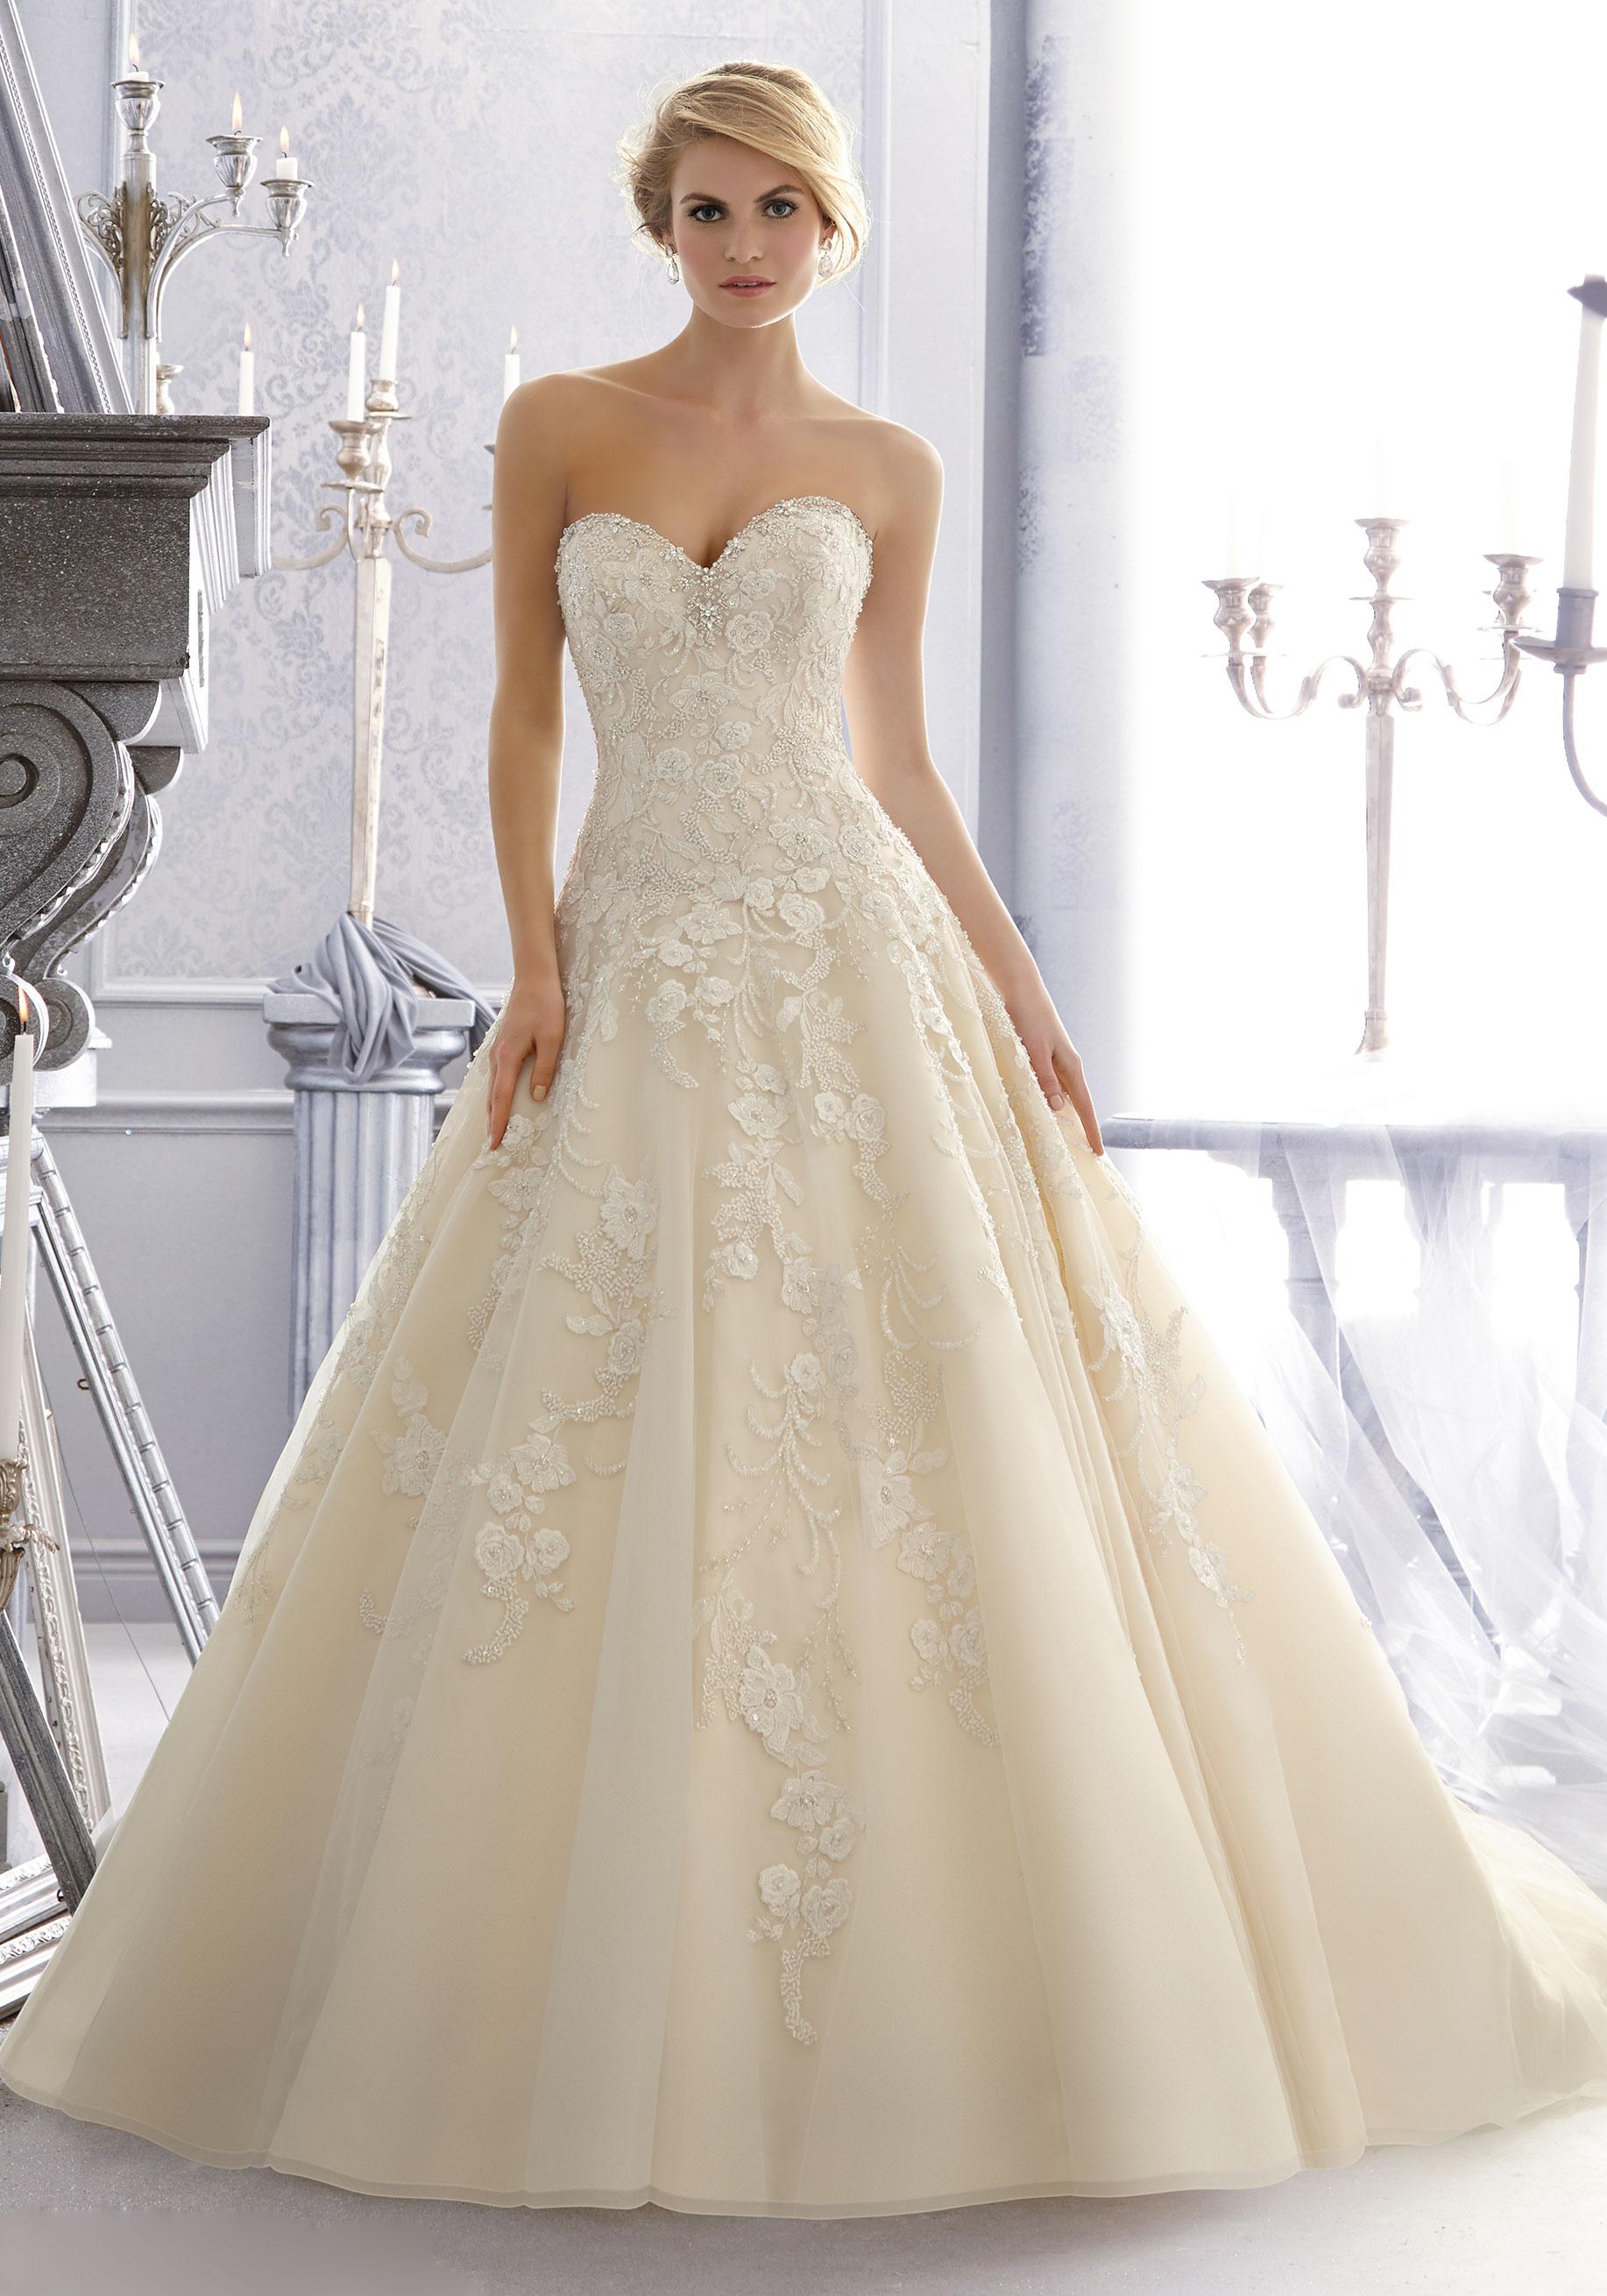 Νυφικό Φόρεμα, Venice Δαντέλα, Κεντημένη. Κωδ. 2671